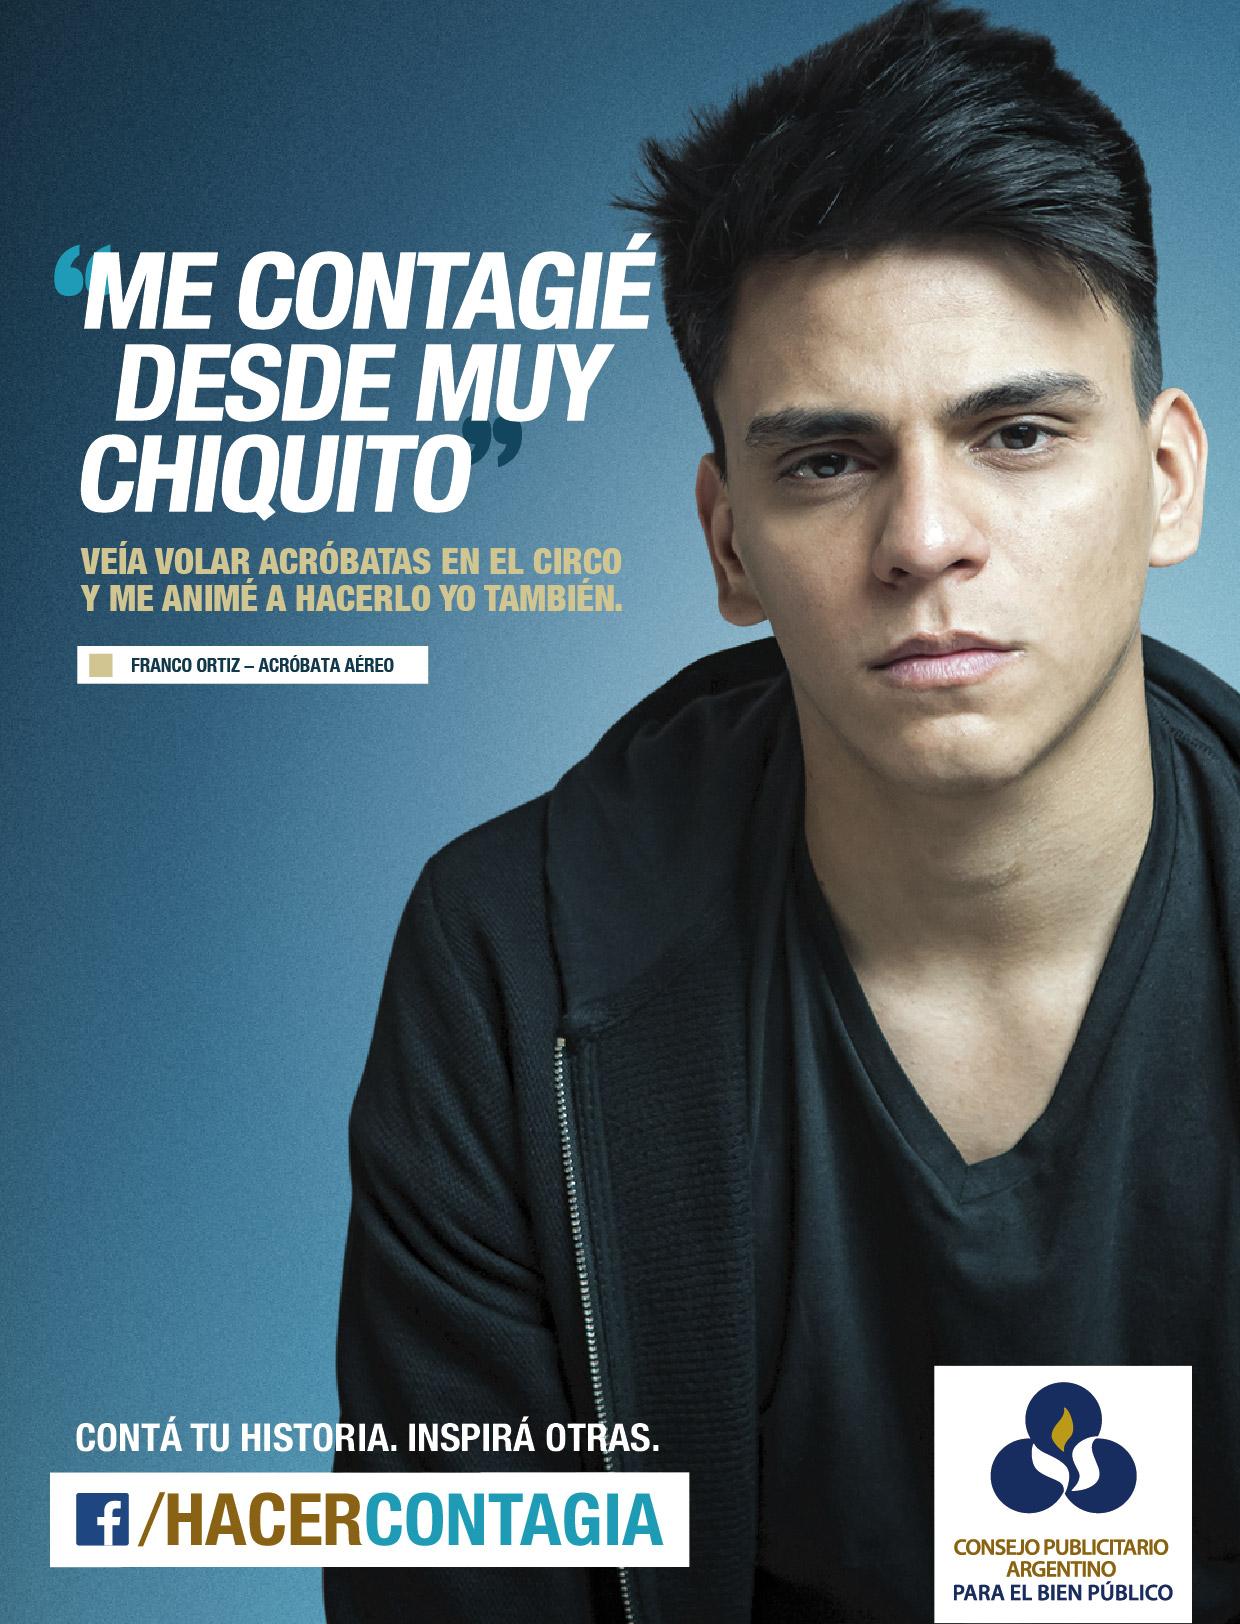 Franco Ortiz, Hacer Contagia